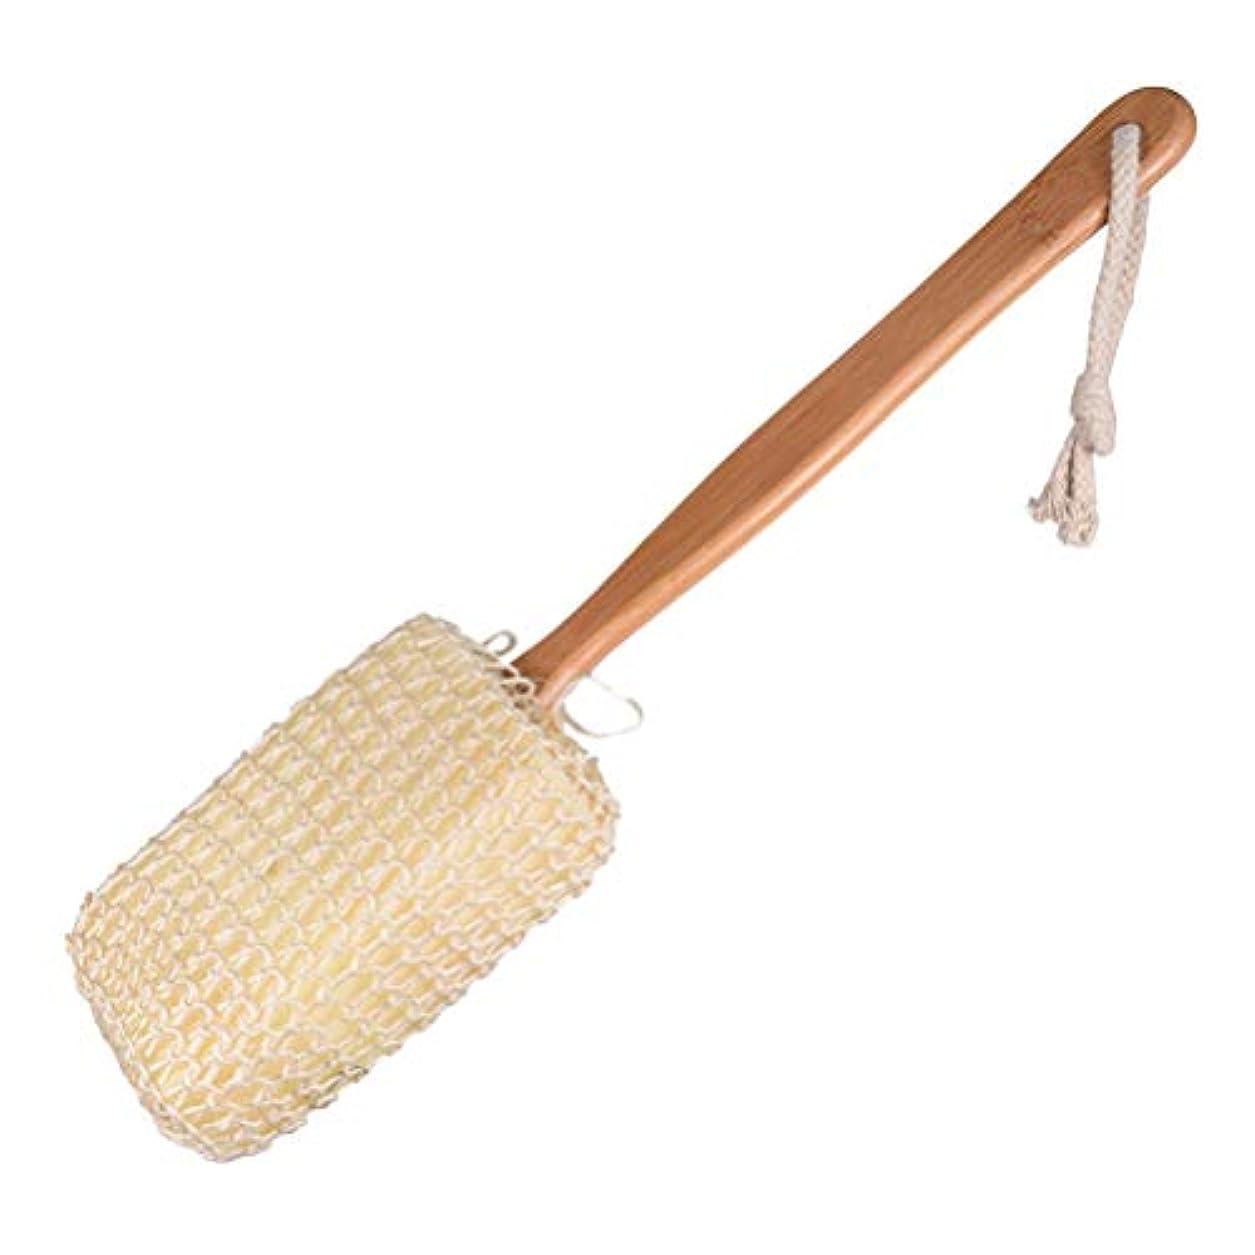 グレートオークプラカード急行するYardwe ドライブラッシングボディーブラシナチュラルサイザルスポンジ取り外し可能な長い木製の竹のハンドル死んだ皮膚はセルライトの剥離を助けます